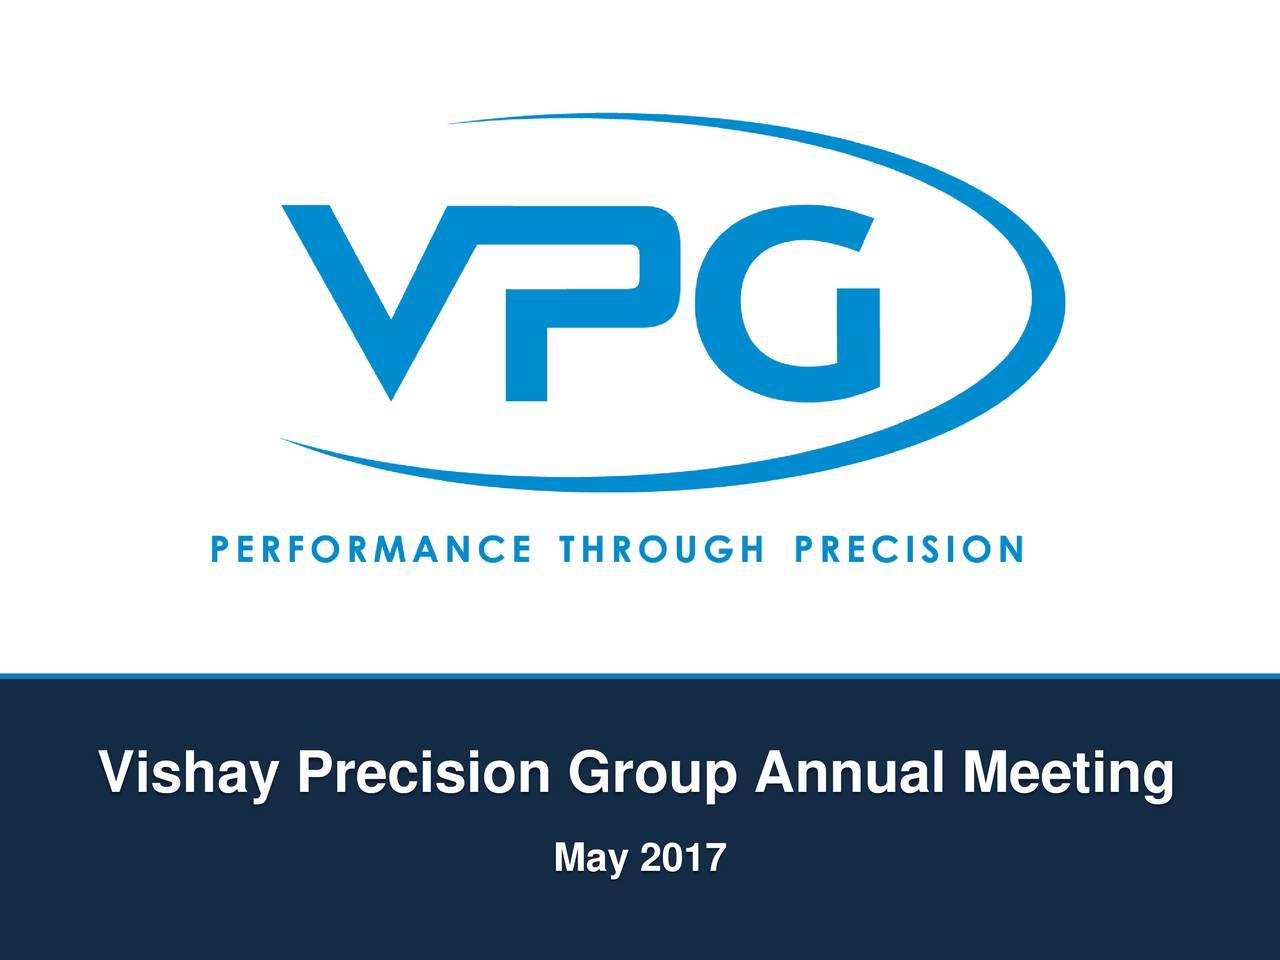 Vishay Precision Group